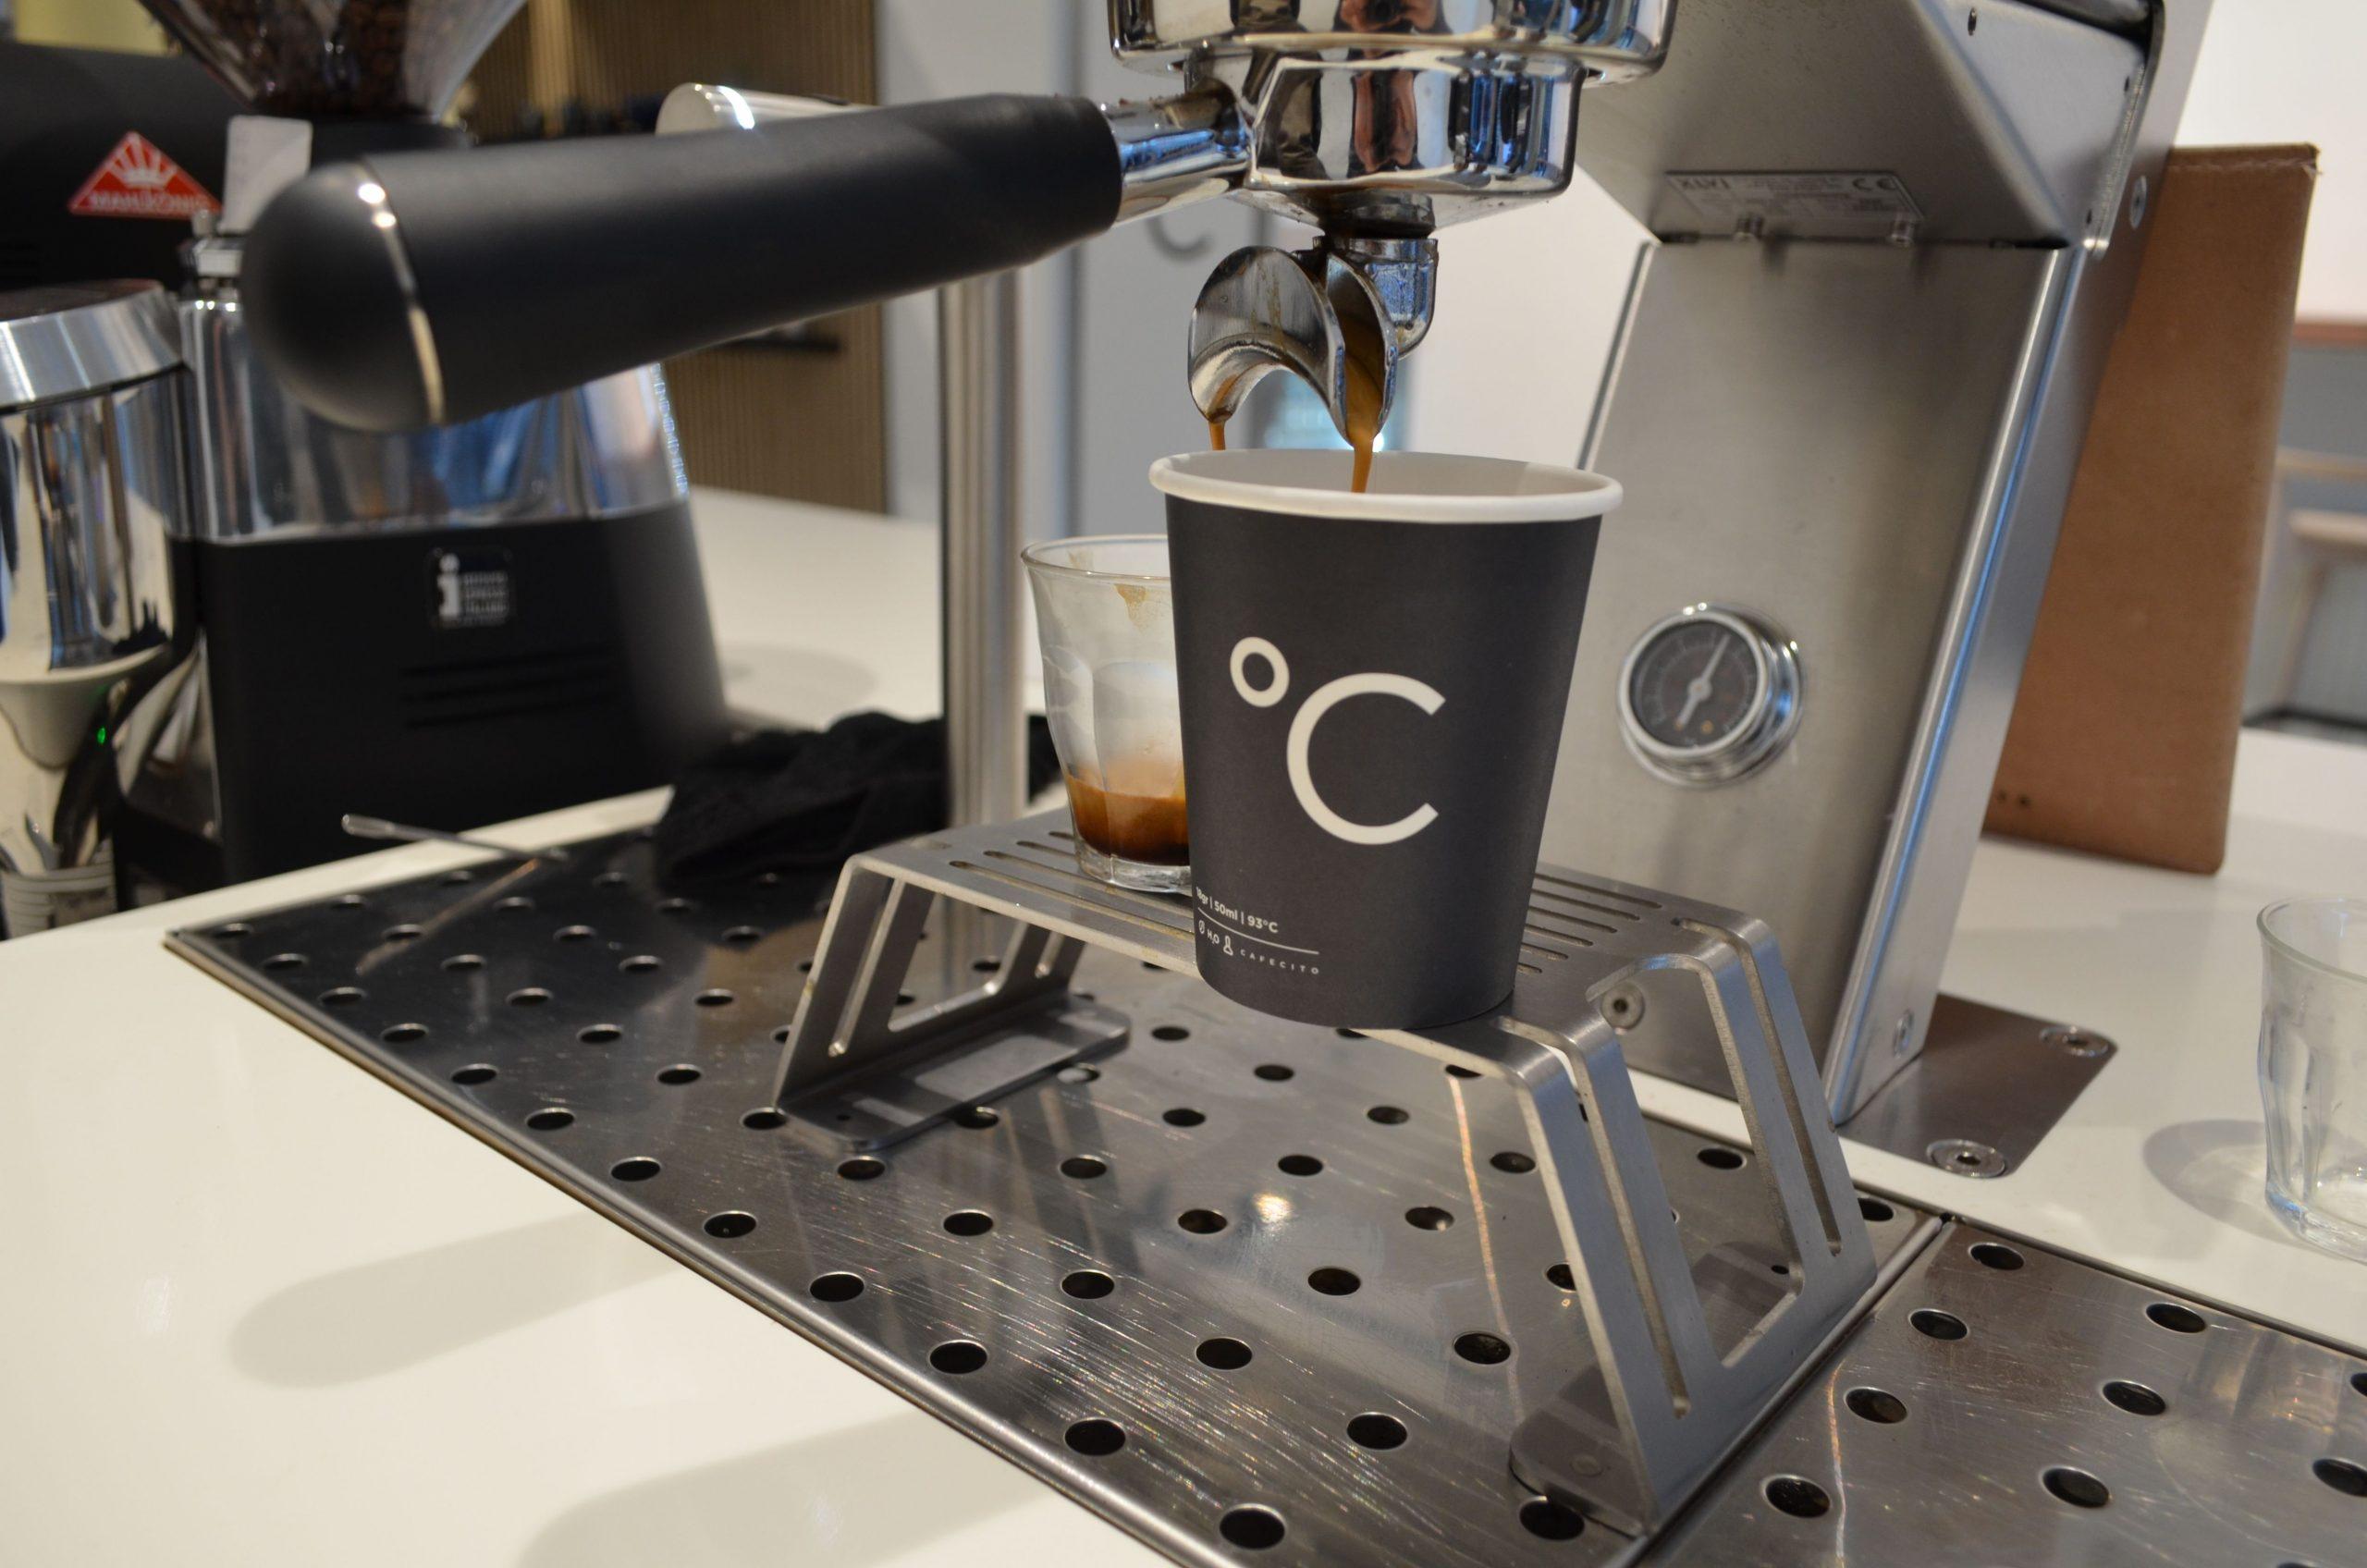 Espressobar amsterdam koffie word gezet